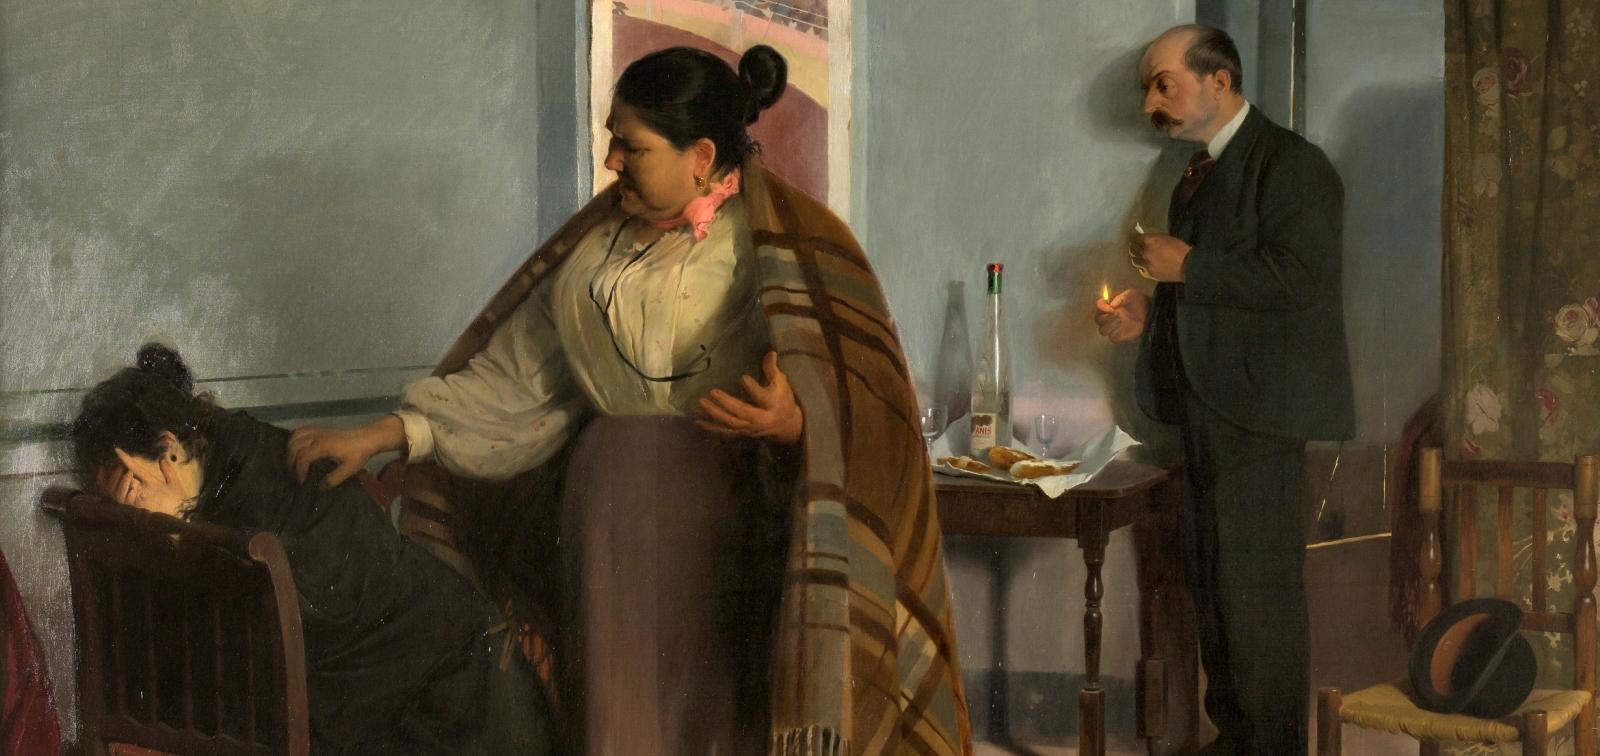 Pintar mancebías entre la Modernidad y la Vanguardia